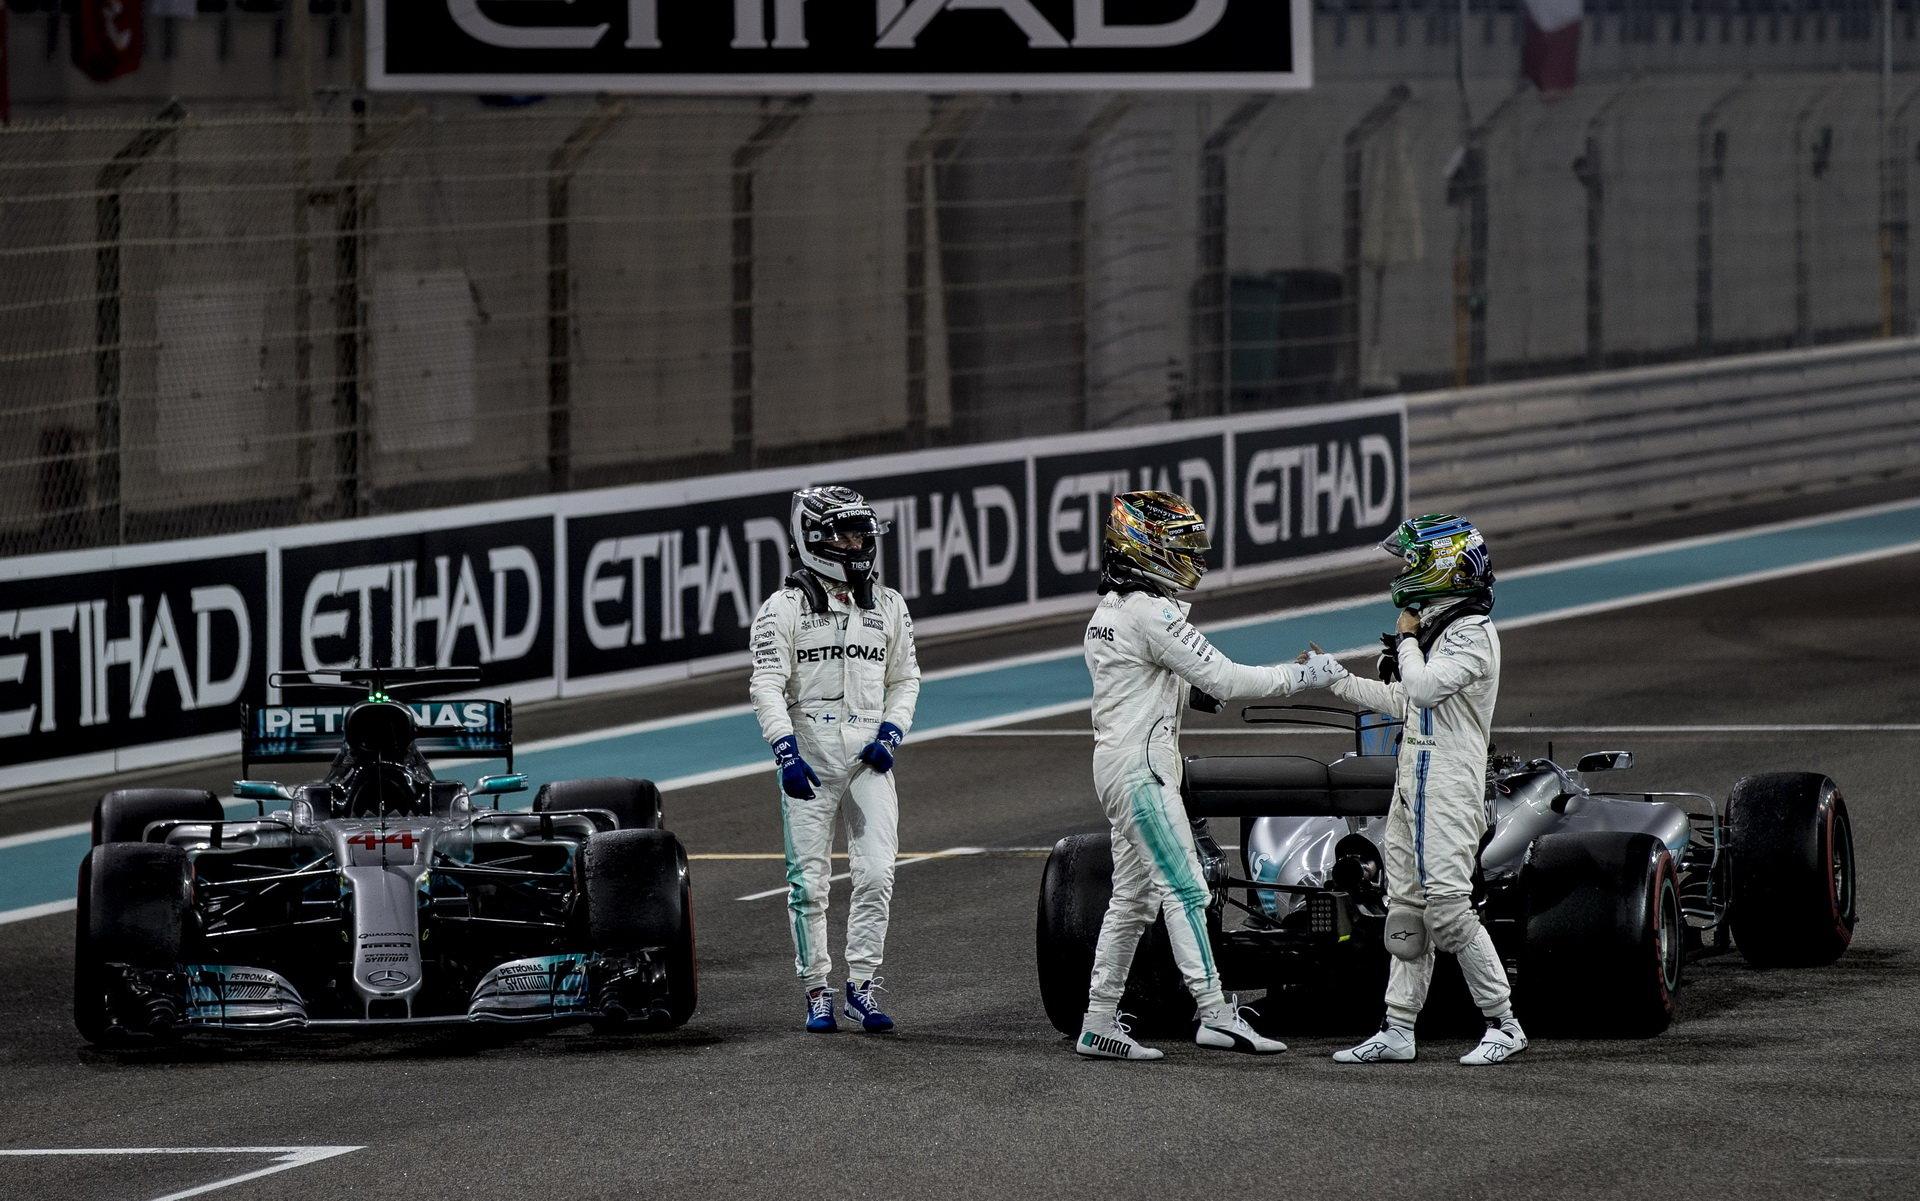 Felipe Massa po své poslední velké ceně s piloty Mercedesu